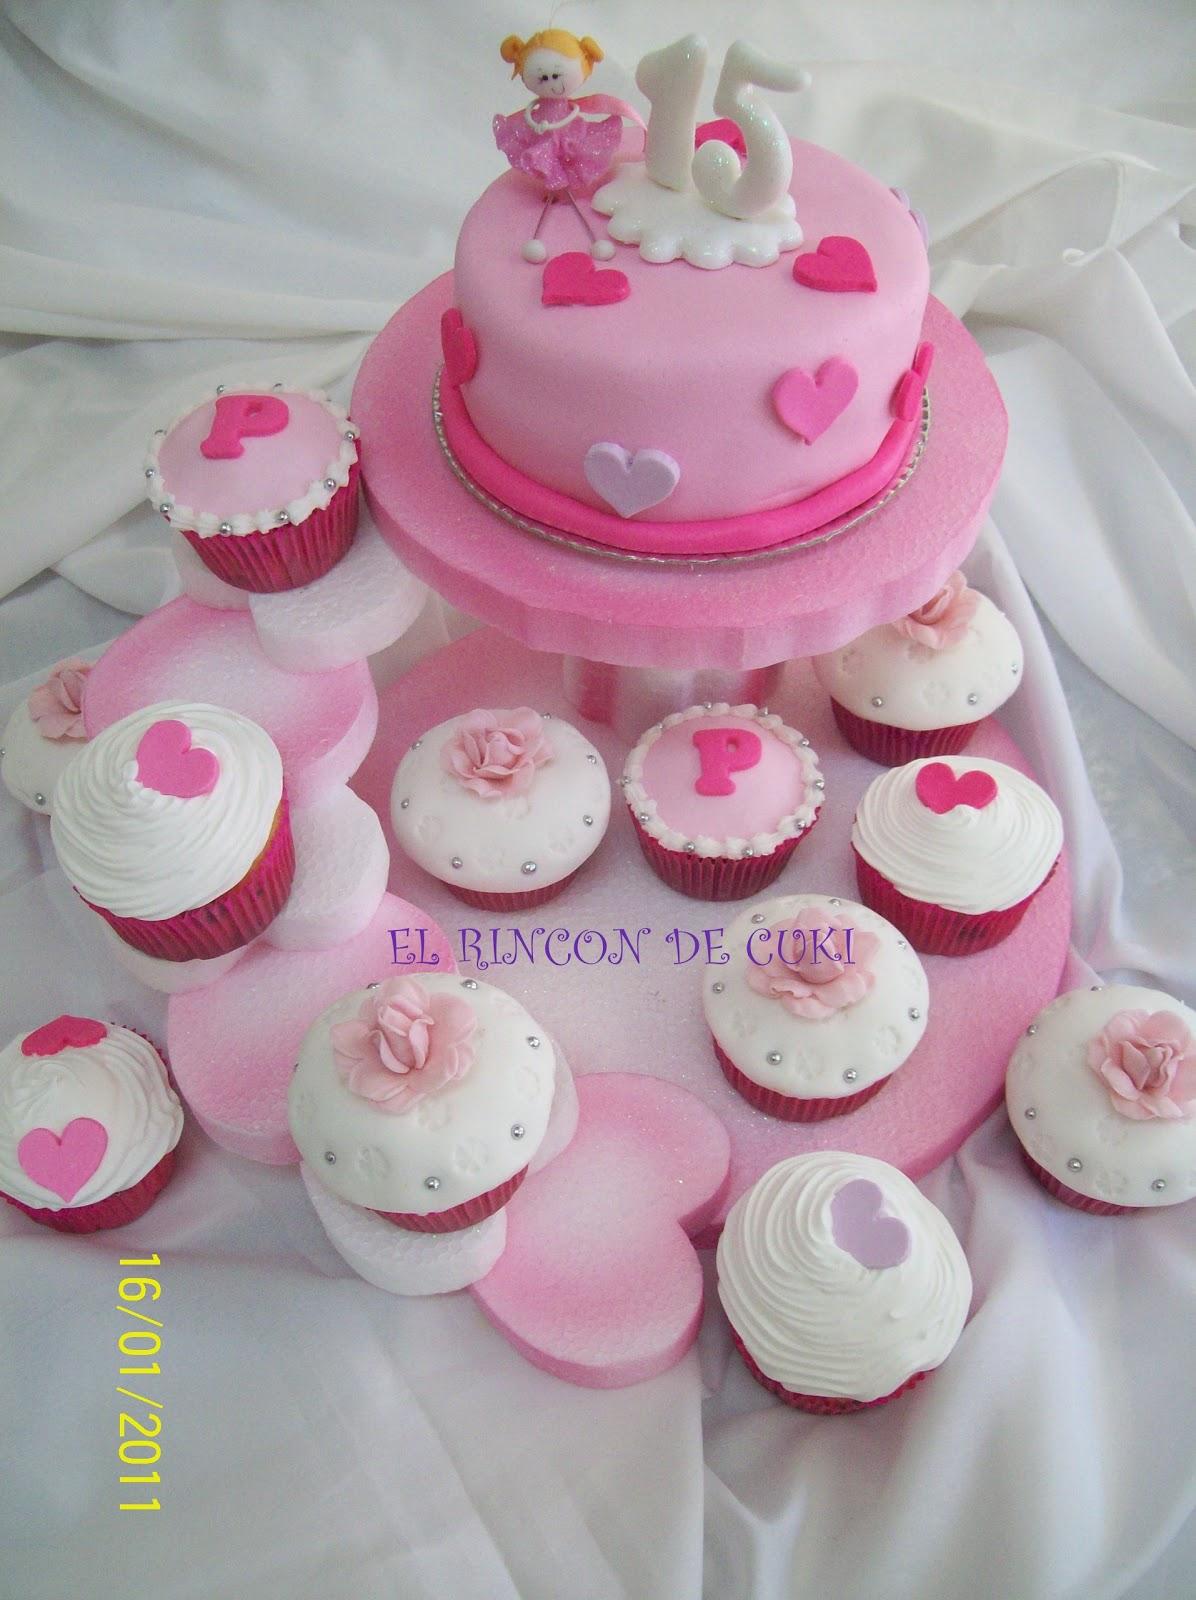 Cup Cakes  Los Que Podes Entregar  O Souvenirs De 15 A  Os